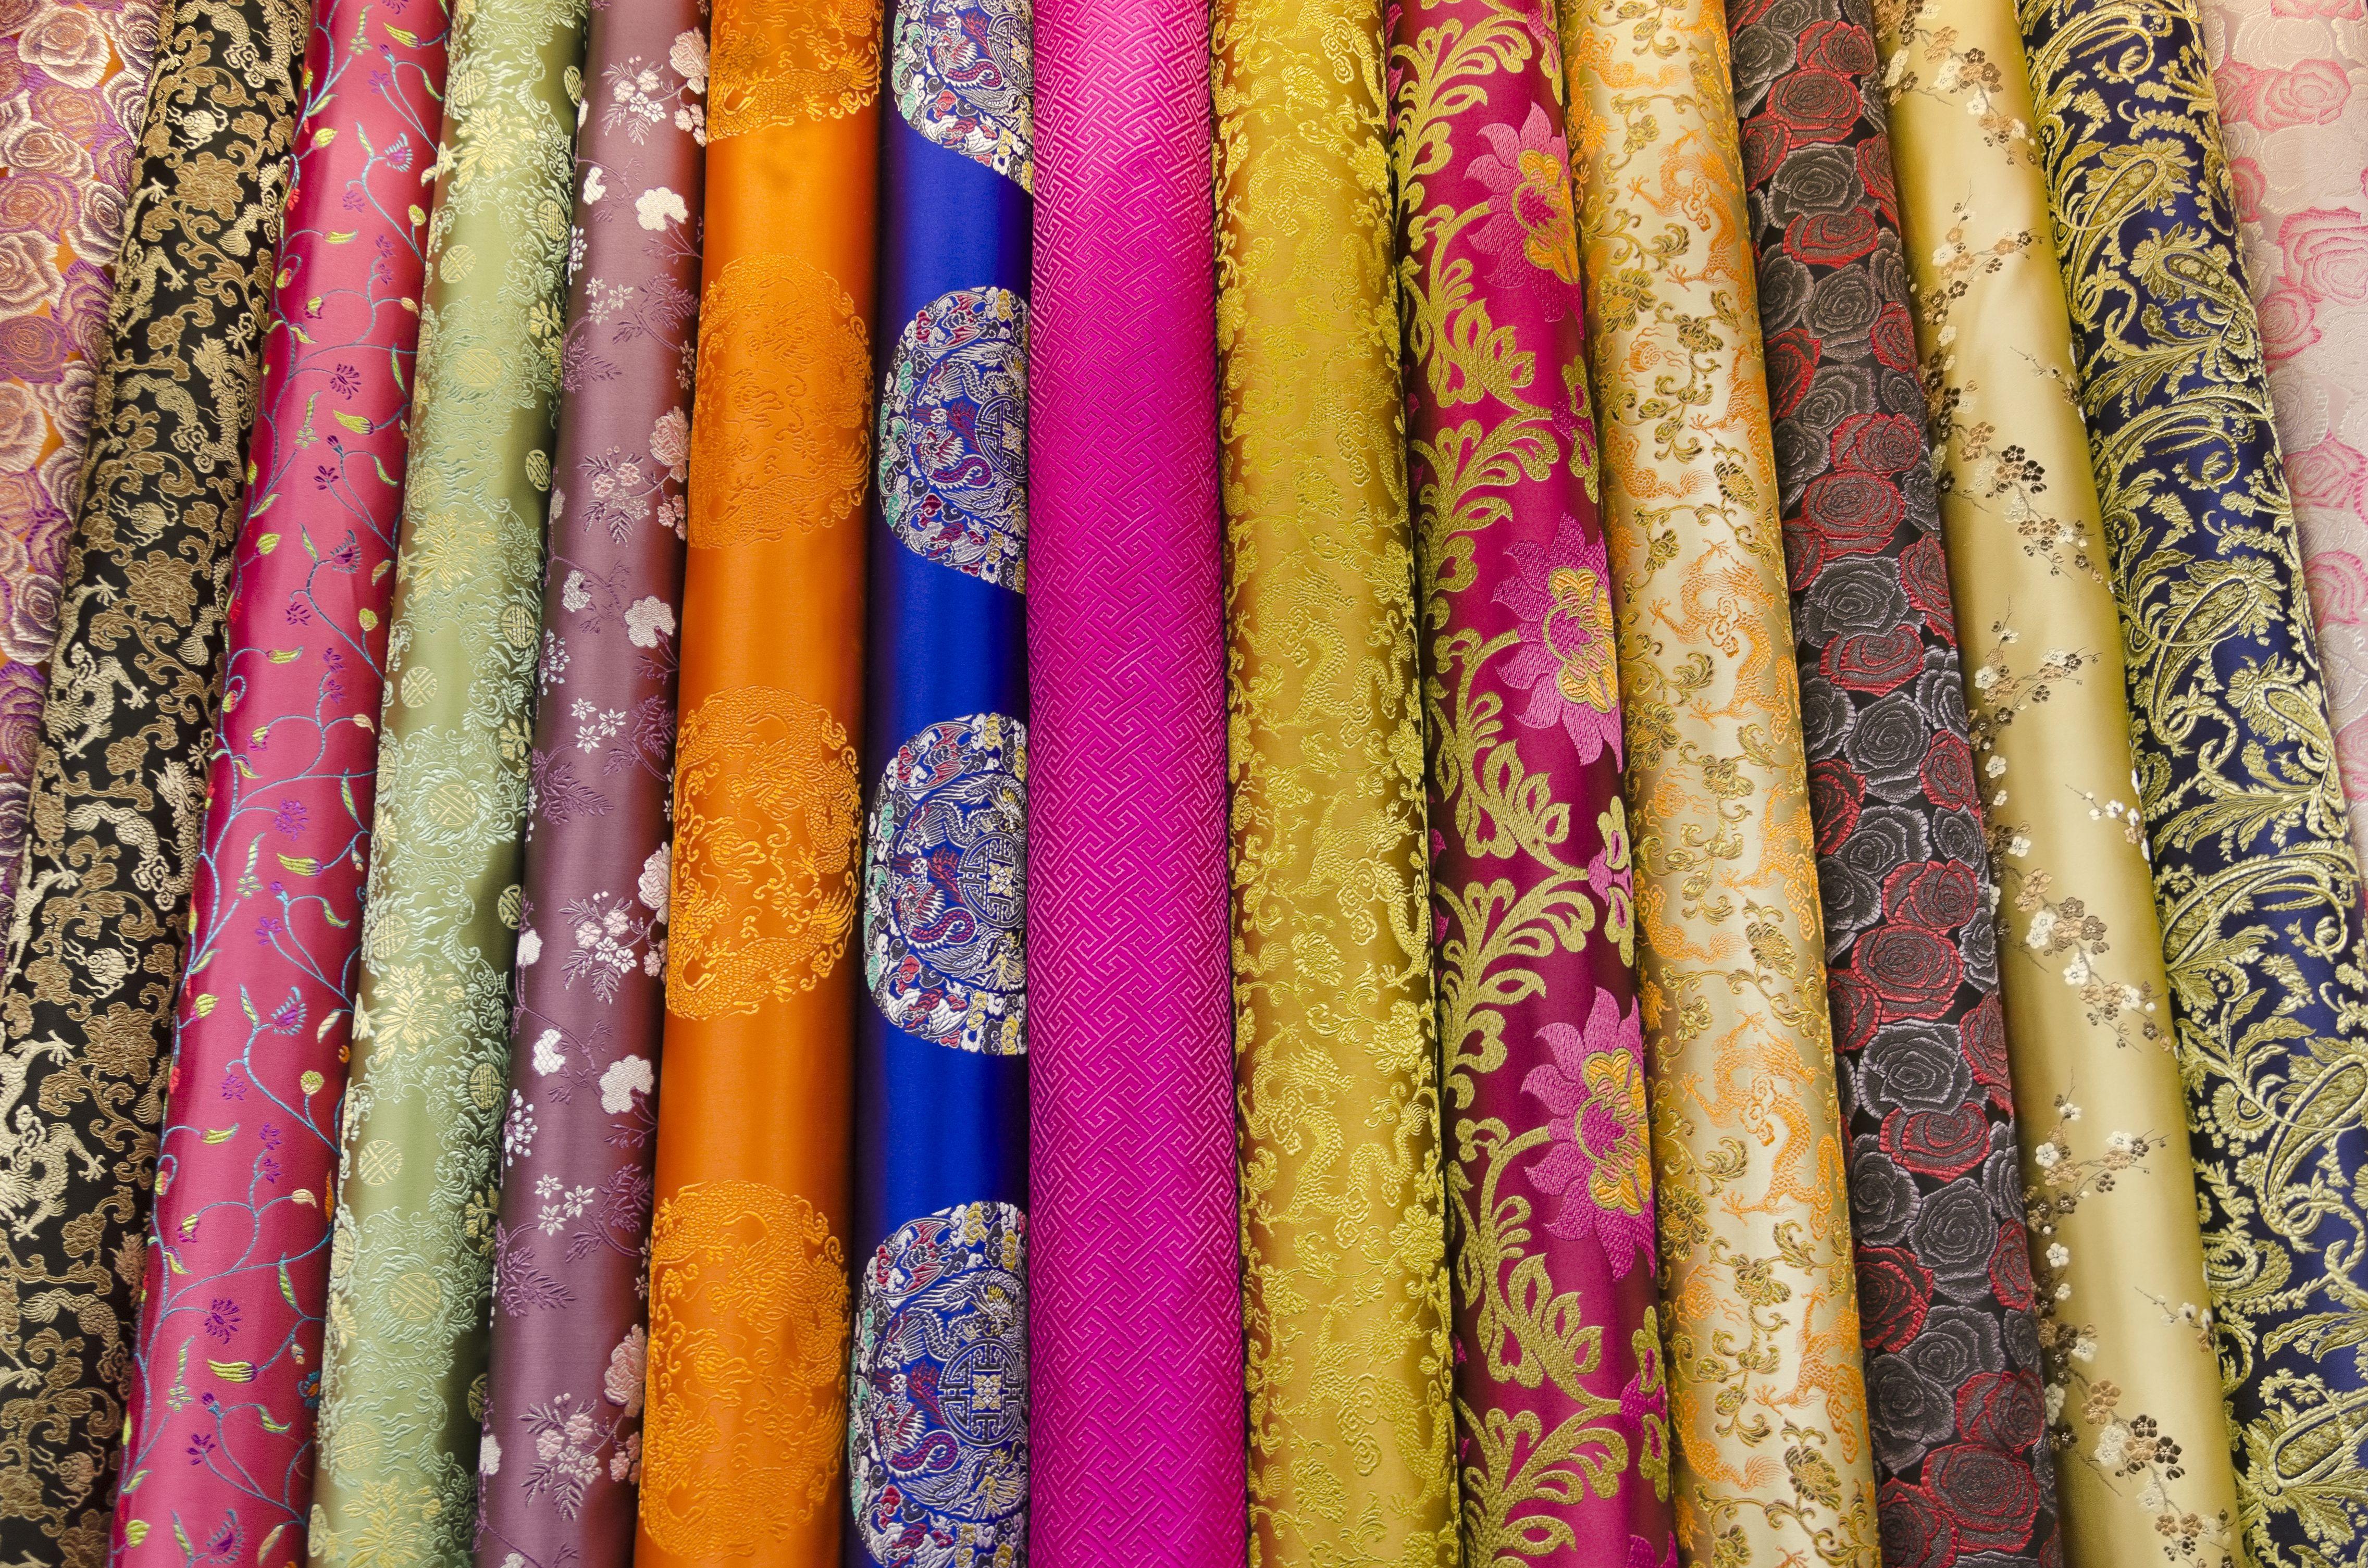 Distribuidor de textiles Vizcaya